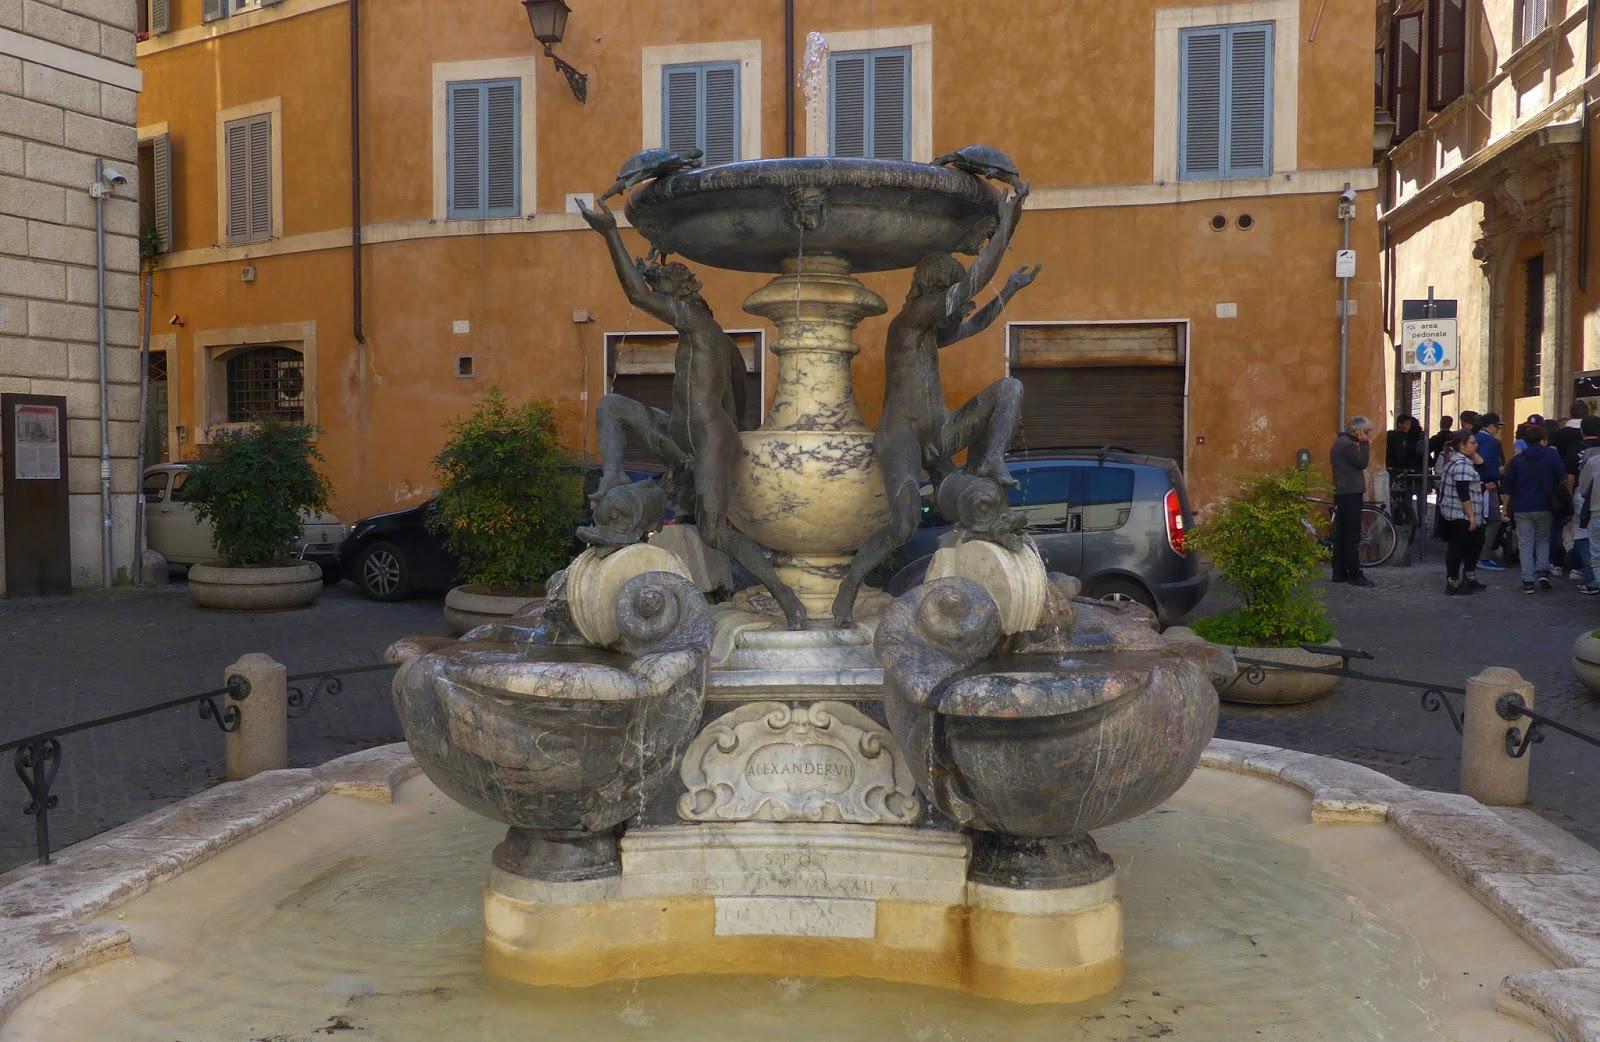 Piazza Mattei © Jeroen van Luin [ source ]